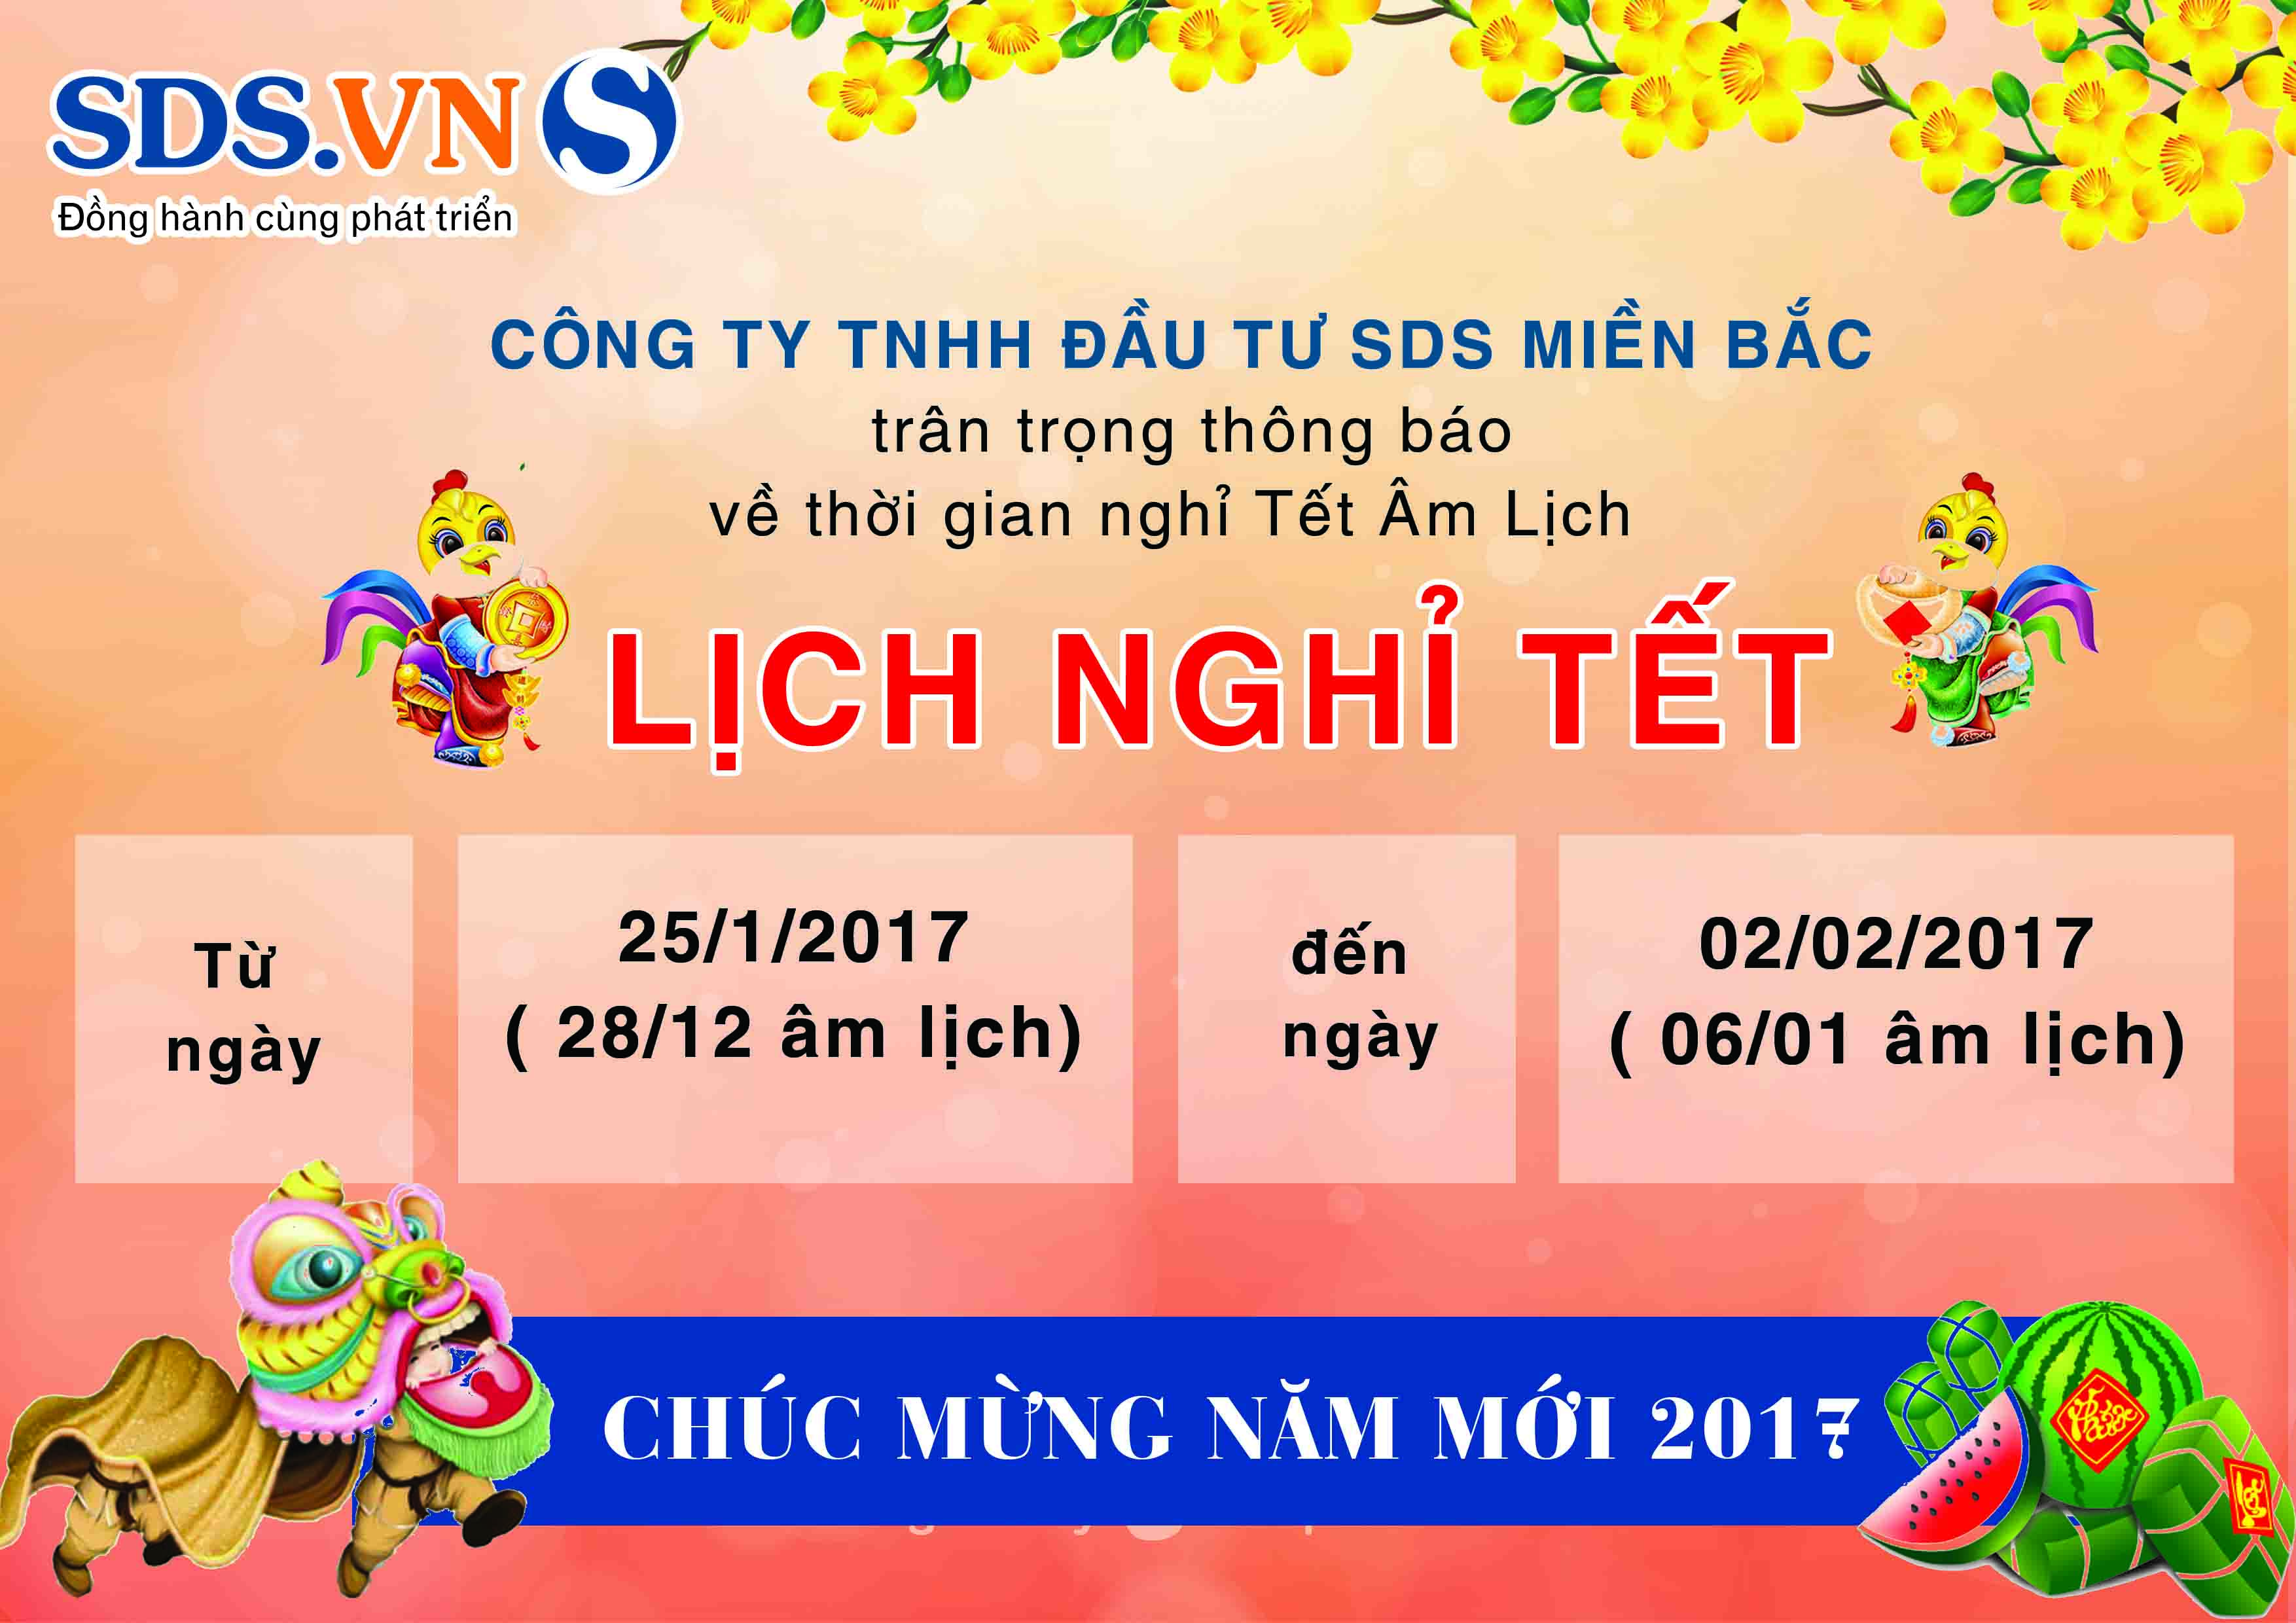 Thông báo lịch nghỉ tết Nguyên Đán 2017